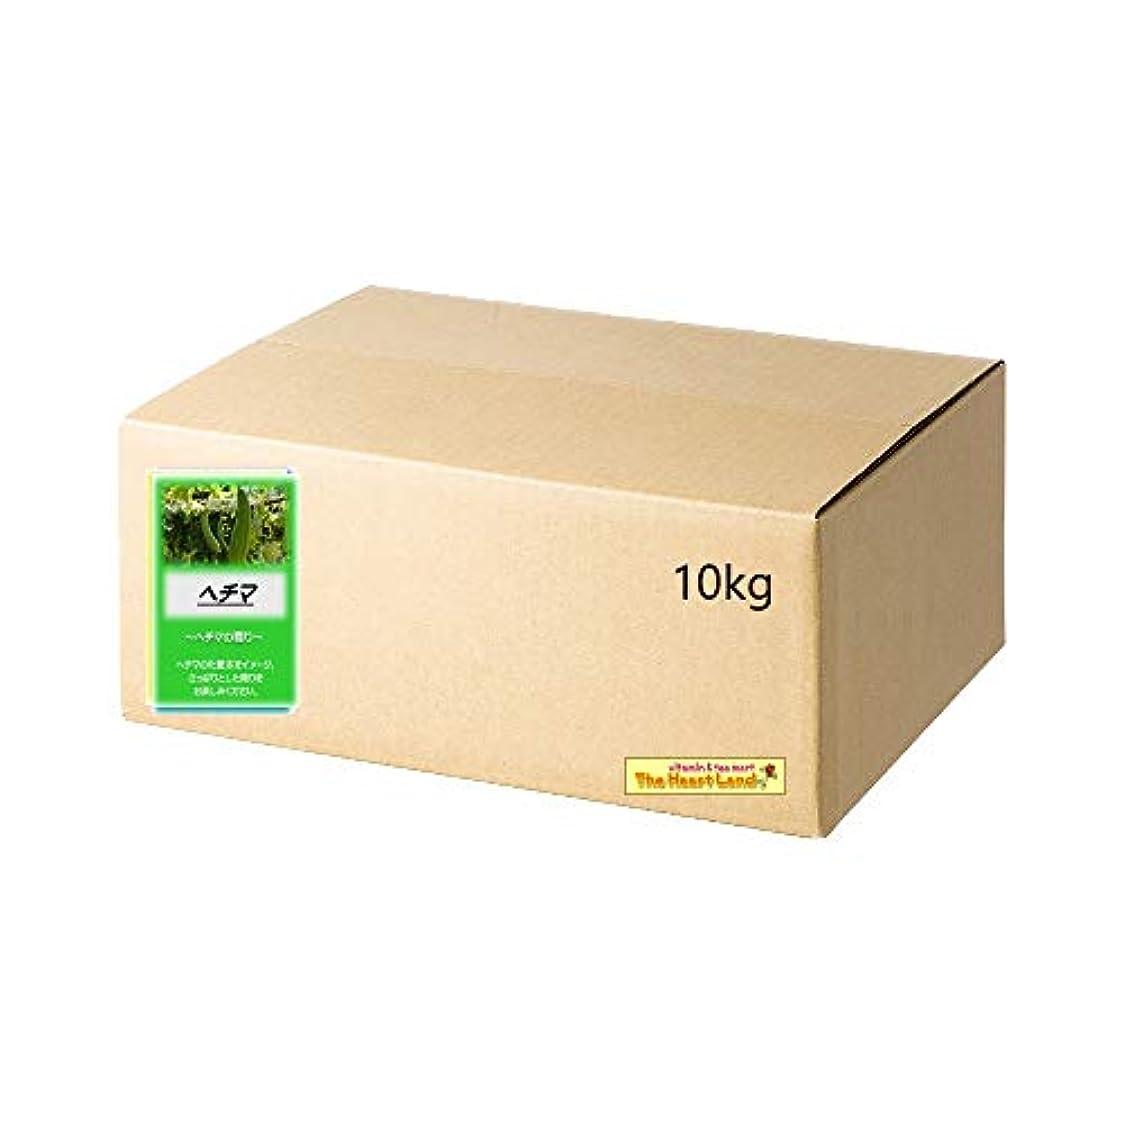 アサヒ入浴剤 浴用入浴化粧品 ヘチマ 10kg